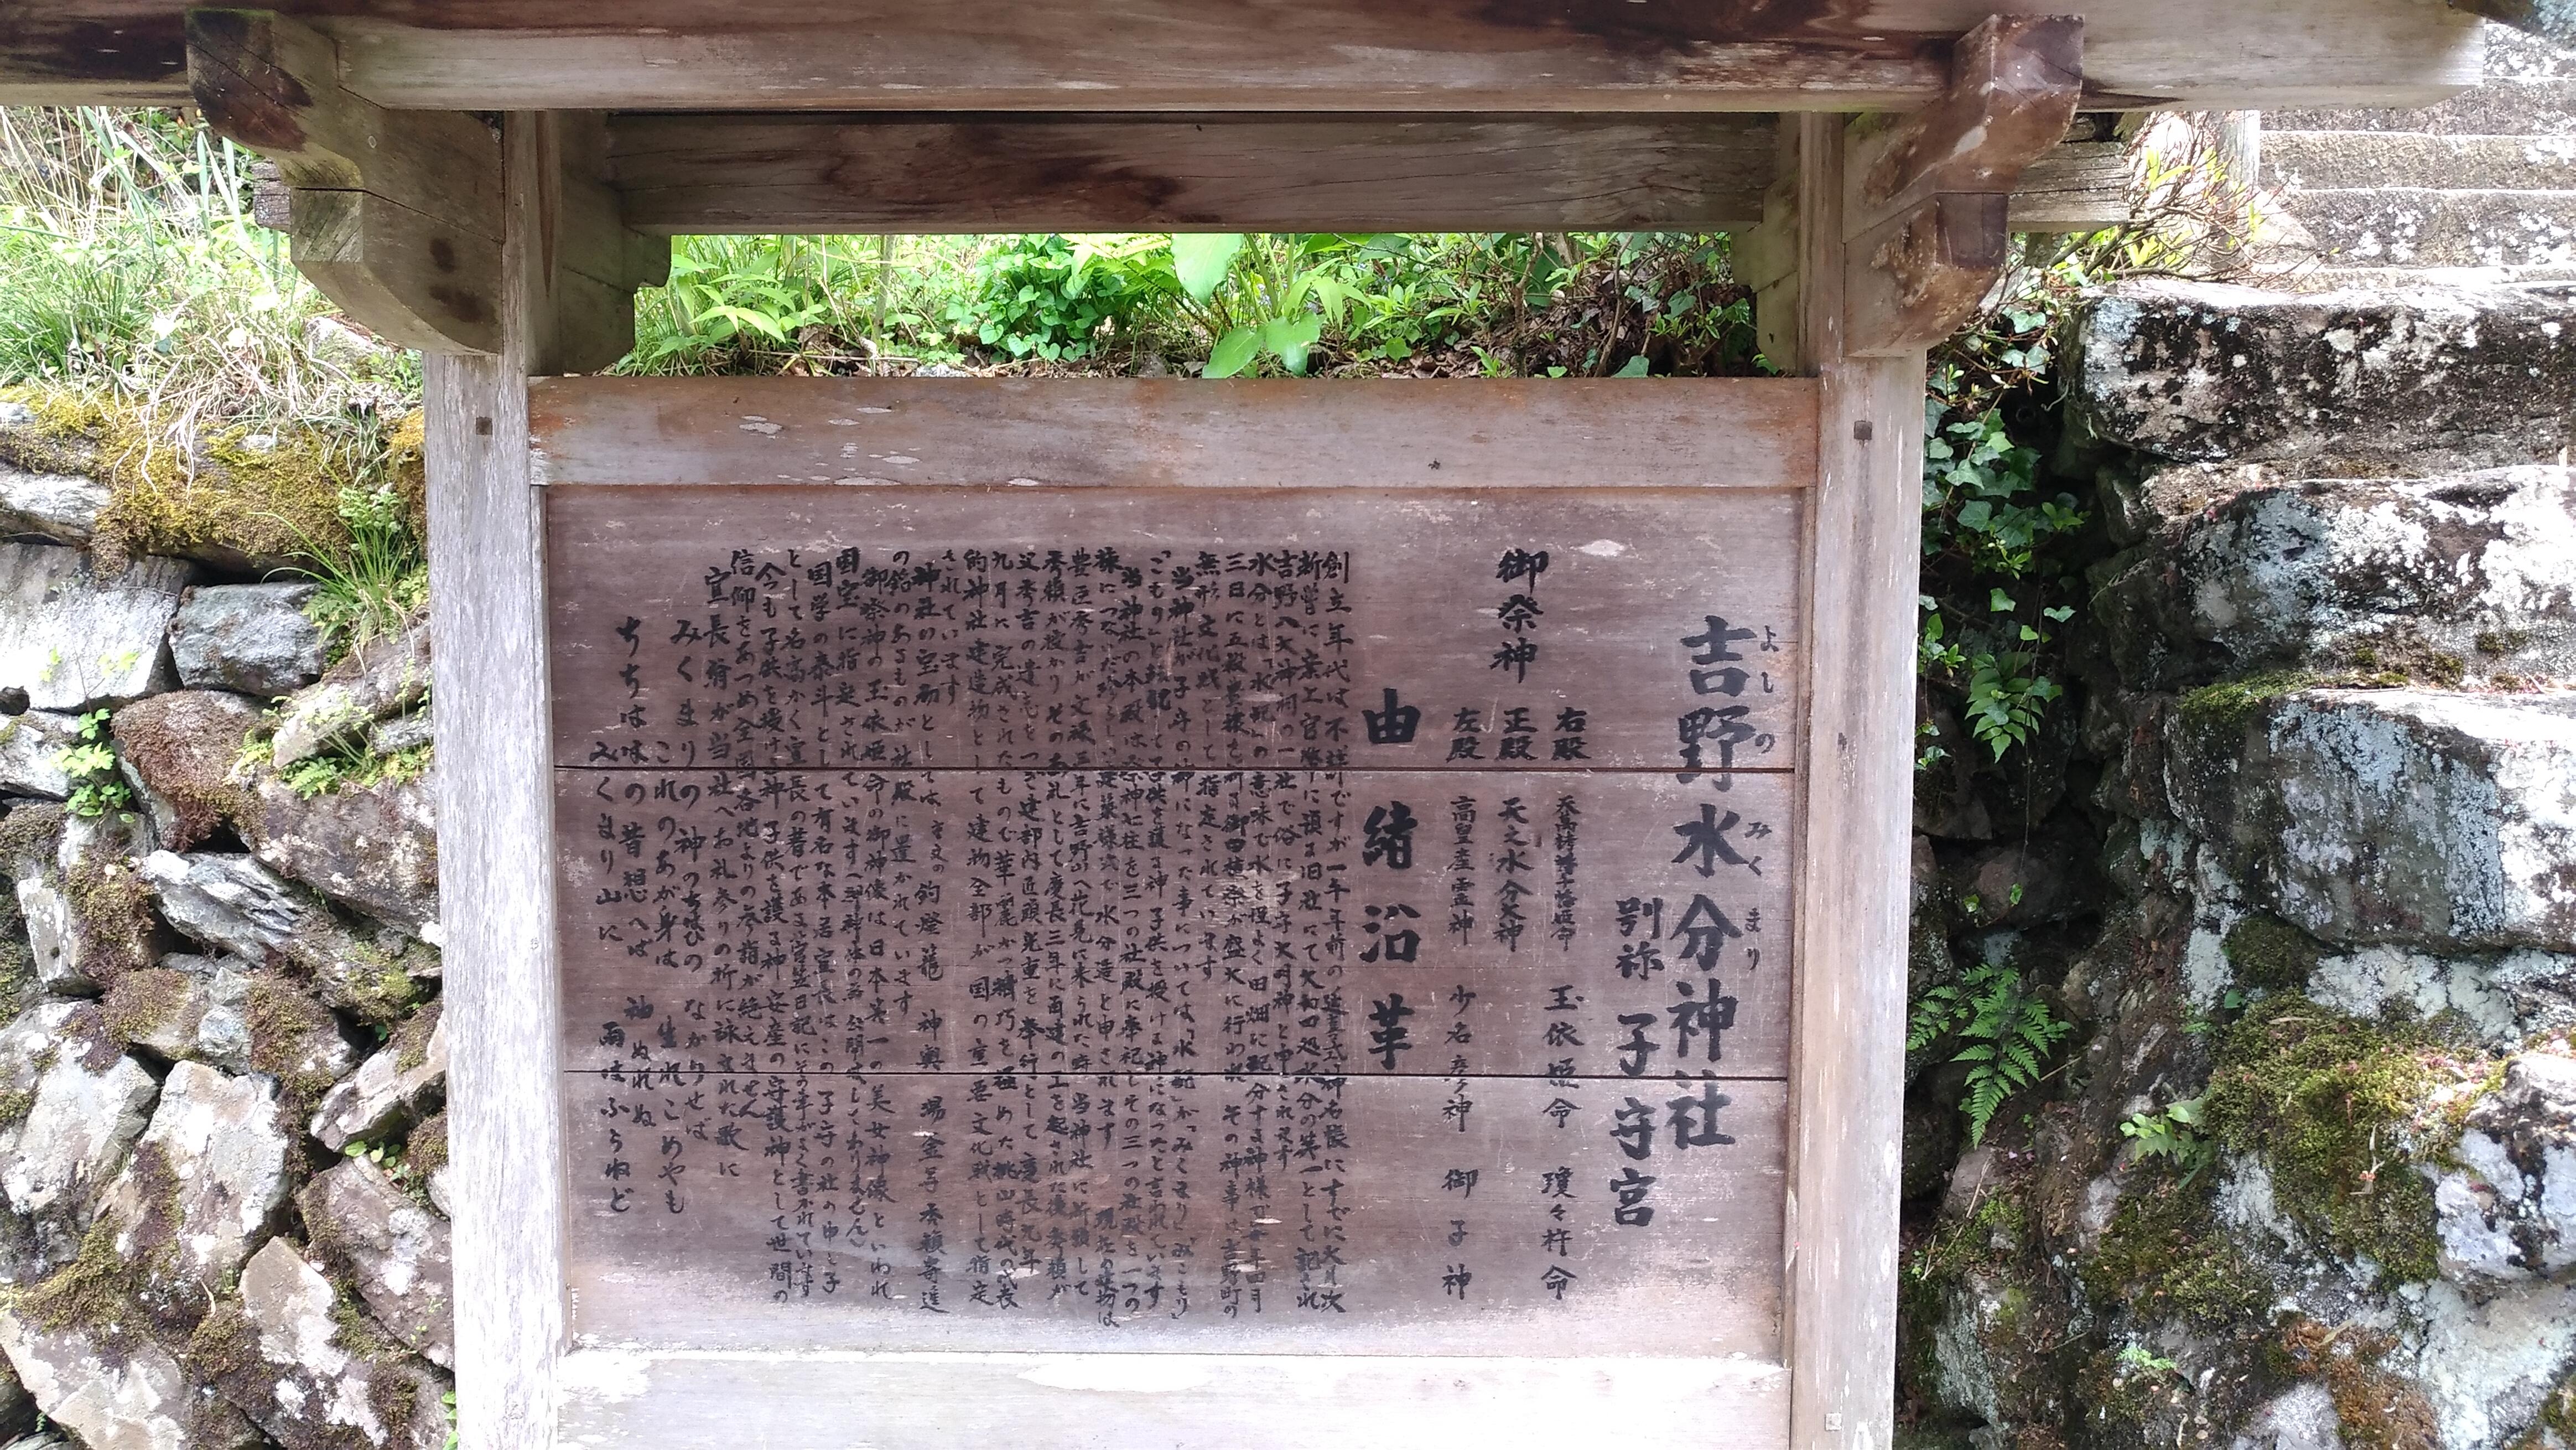 吉野水分神社 説明